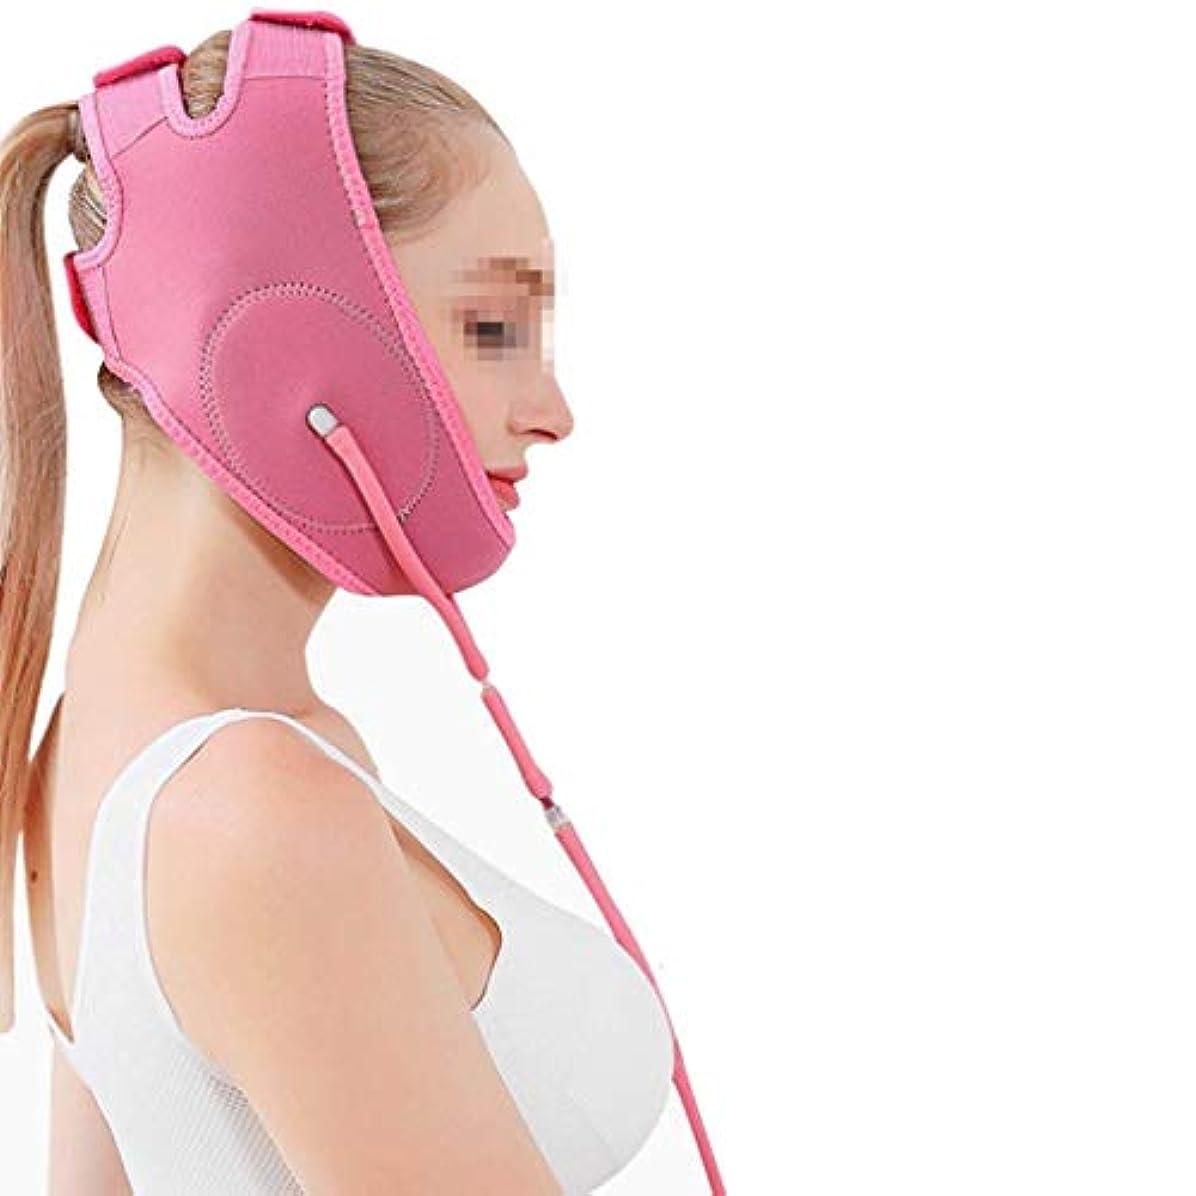 弱点ターゲット電話に出る空気圧薄型フェイスベルト、マスクスモールVフェイスプレッシャーリフティングシェーピングバイトマッスルファーミングパターンダブルチンバンデージシンフェイスバンデージマルチカラーオプションa(色:黒)